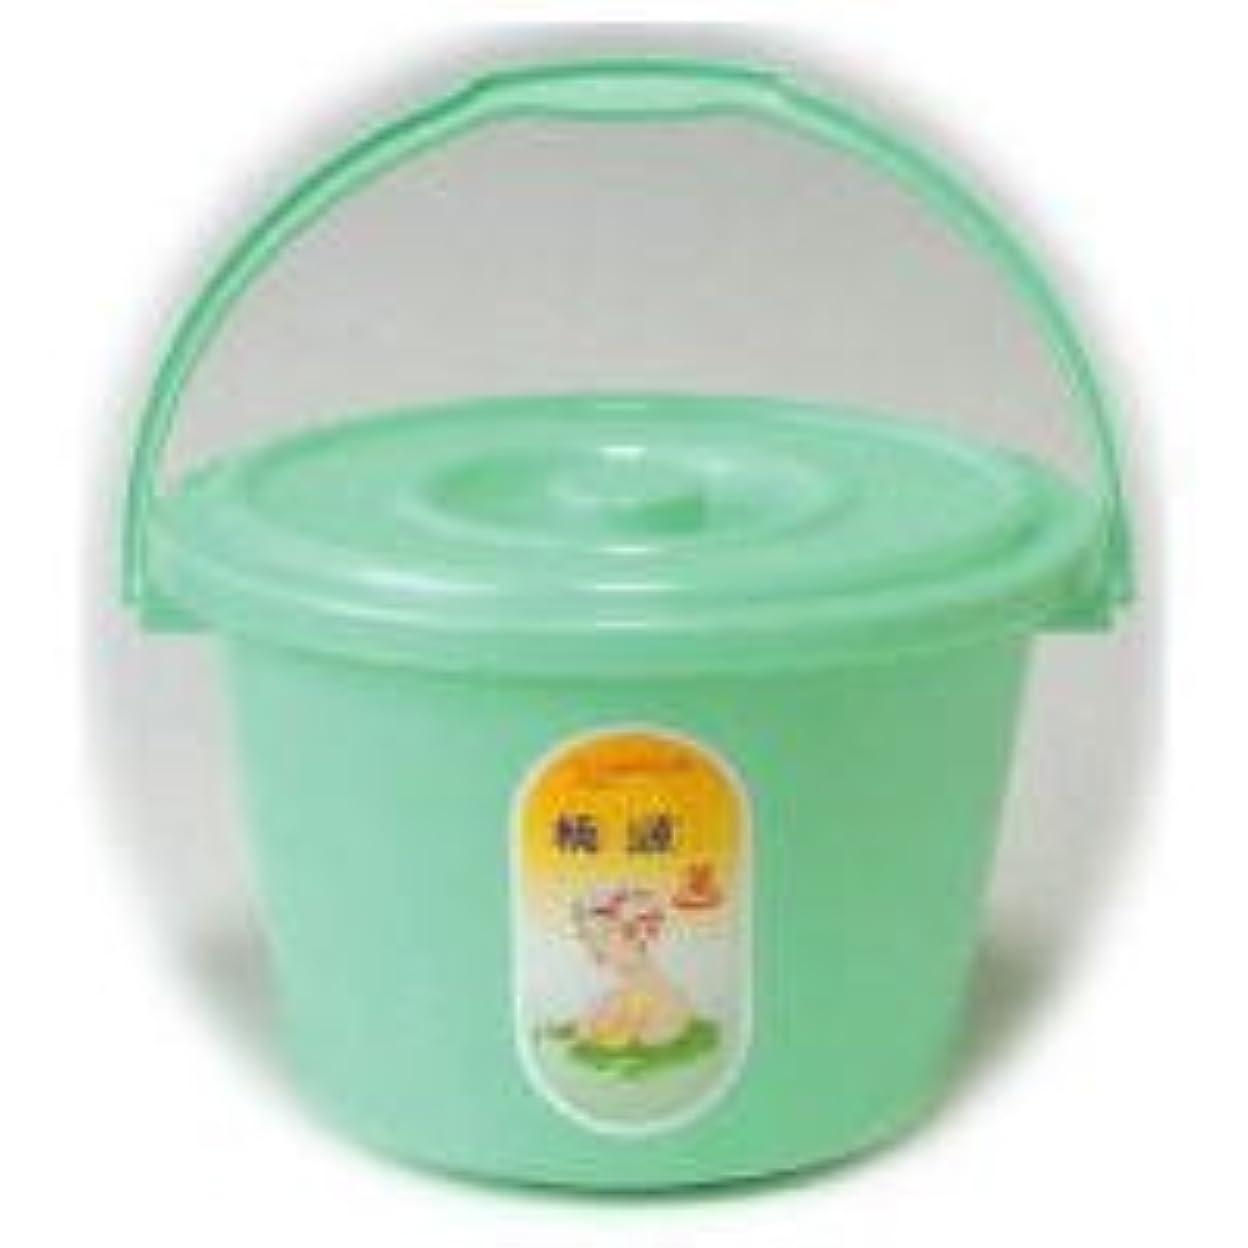 ヘルパーまっすぐにするおとうさん桃源(とうげん) 桃の葉の精 4kg バケツ入り